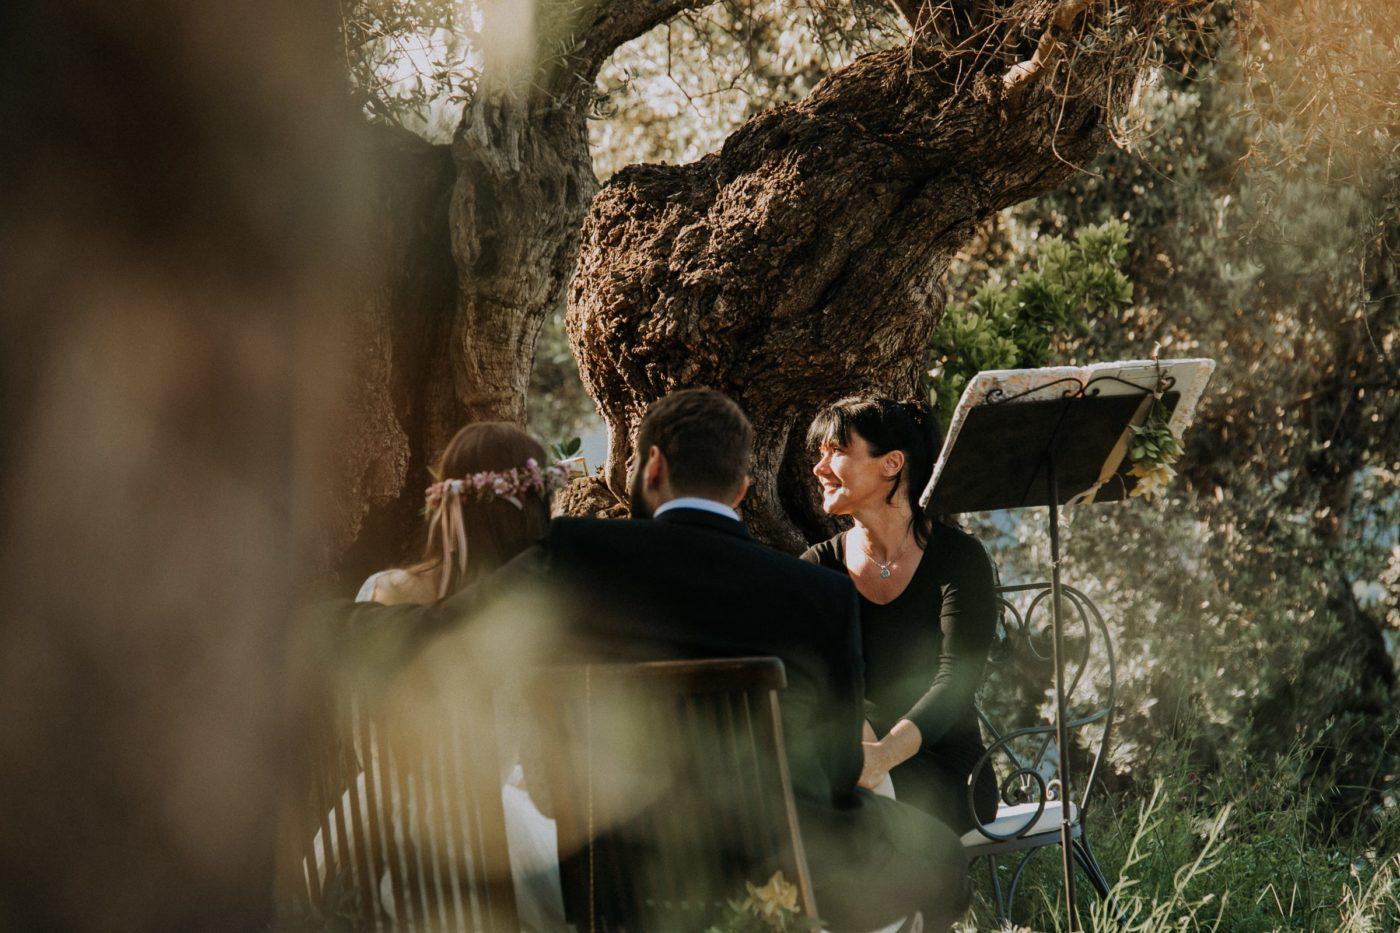 Wir hören gemeinsam der Musik zu während der Trauung in den Bergen von Soller auf Mallorca.